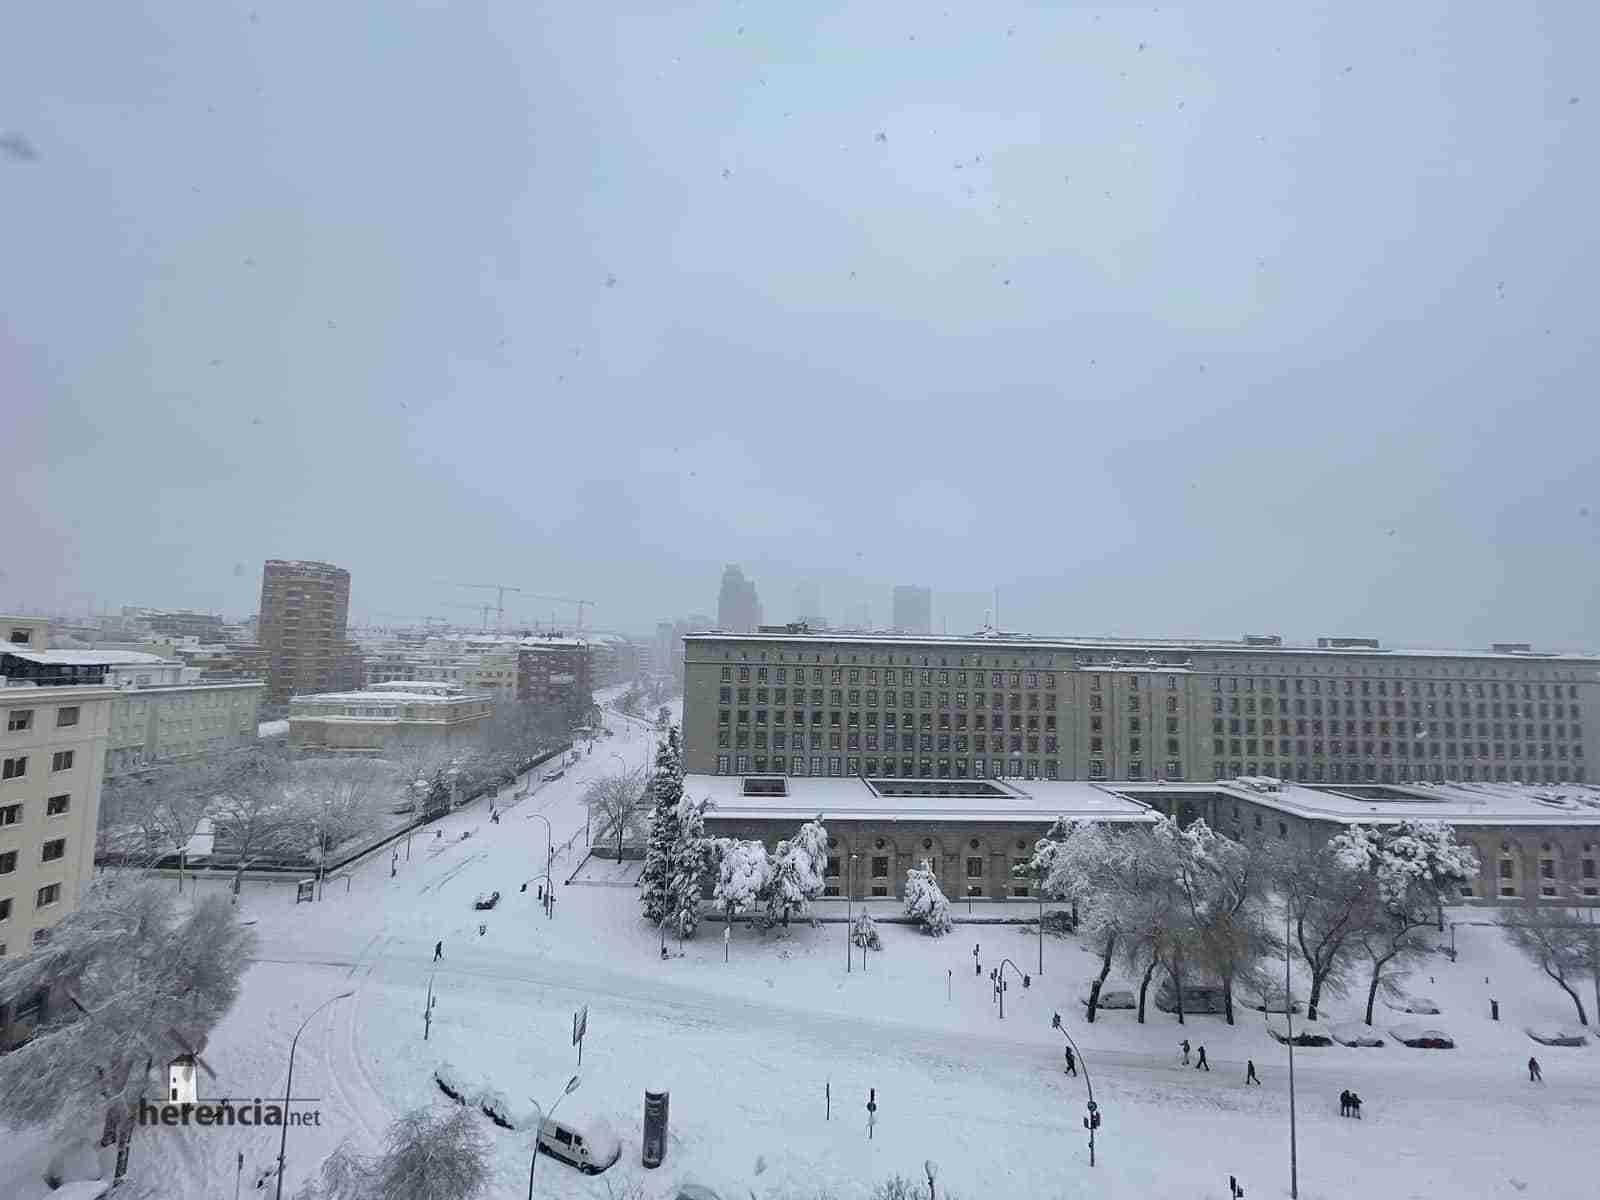 Fotografías de la nevada de enero en Madrid (España) 116